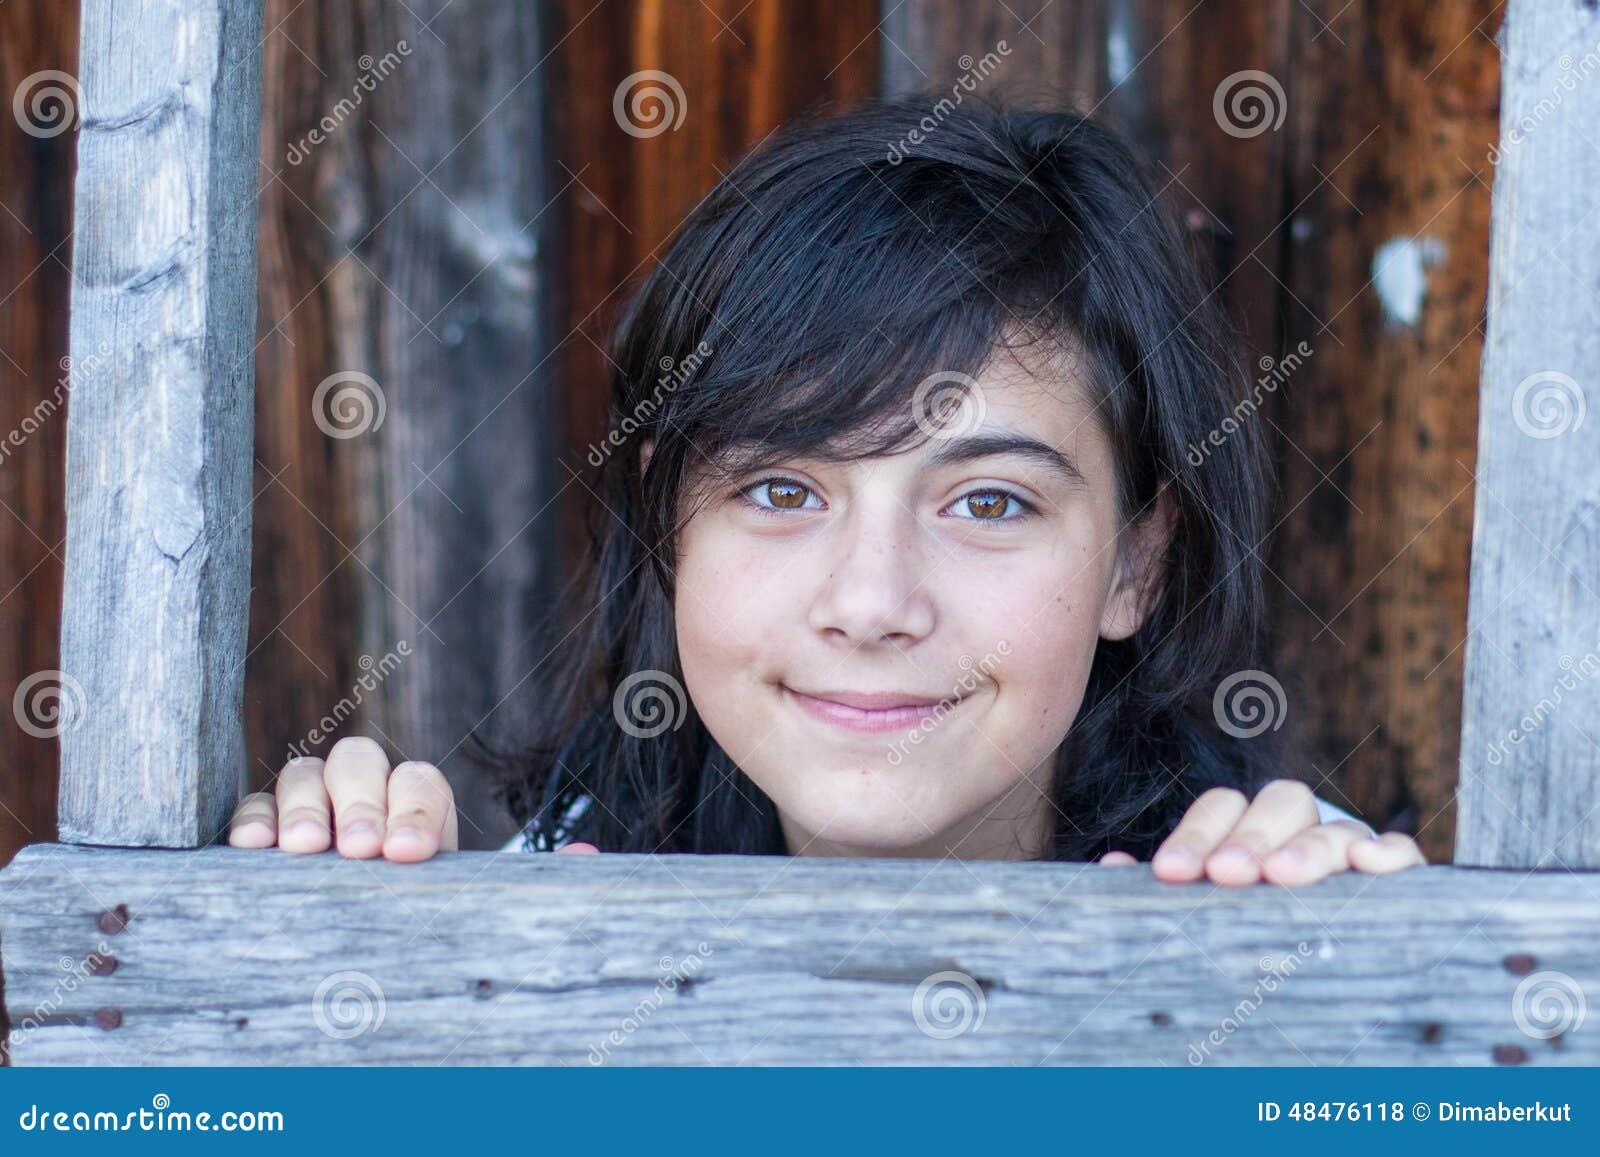 Portret młoda dziewczyna w wiosce